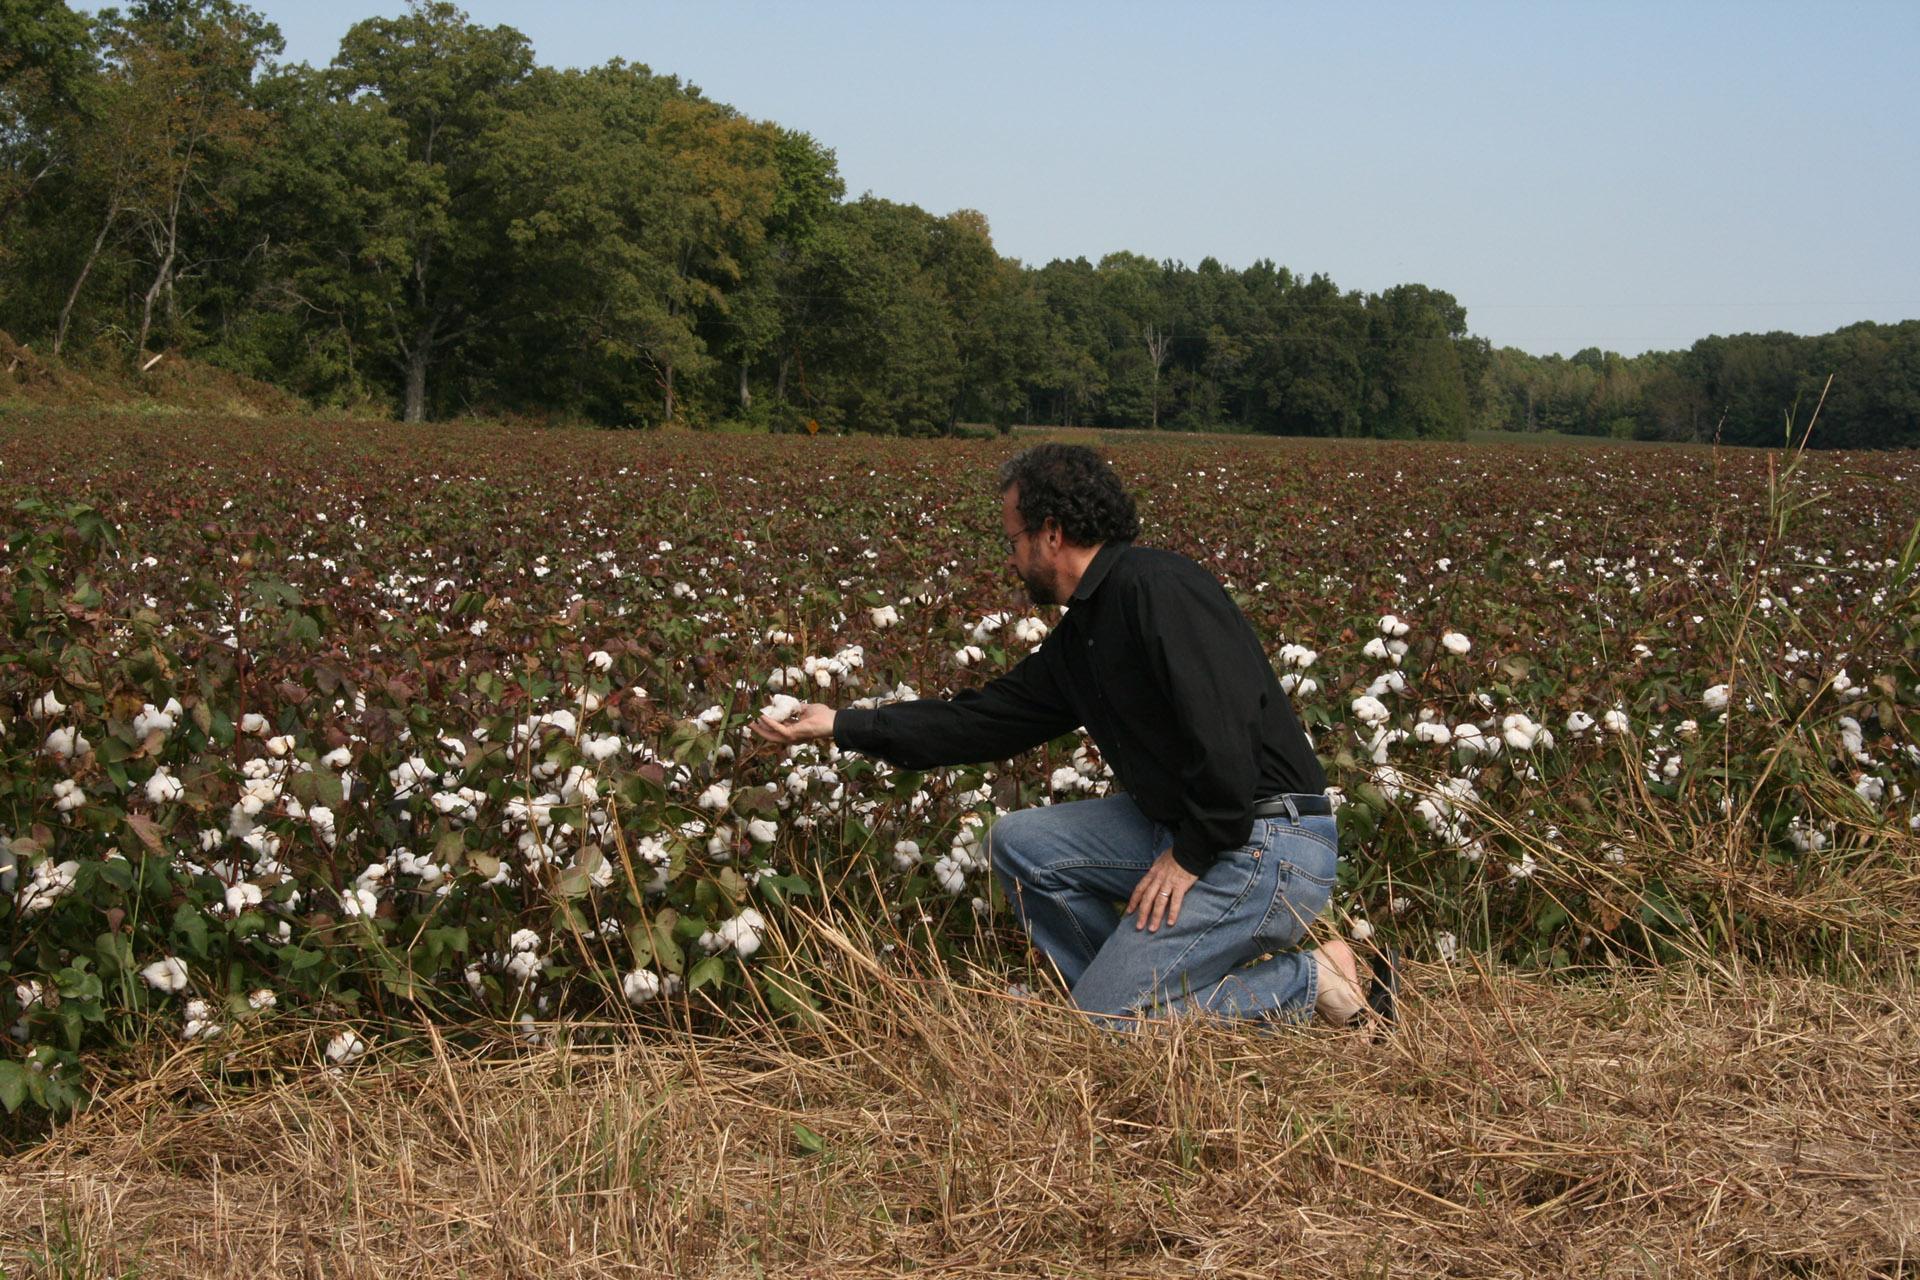 Cotton_4097_sm